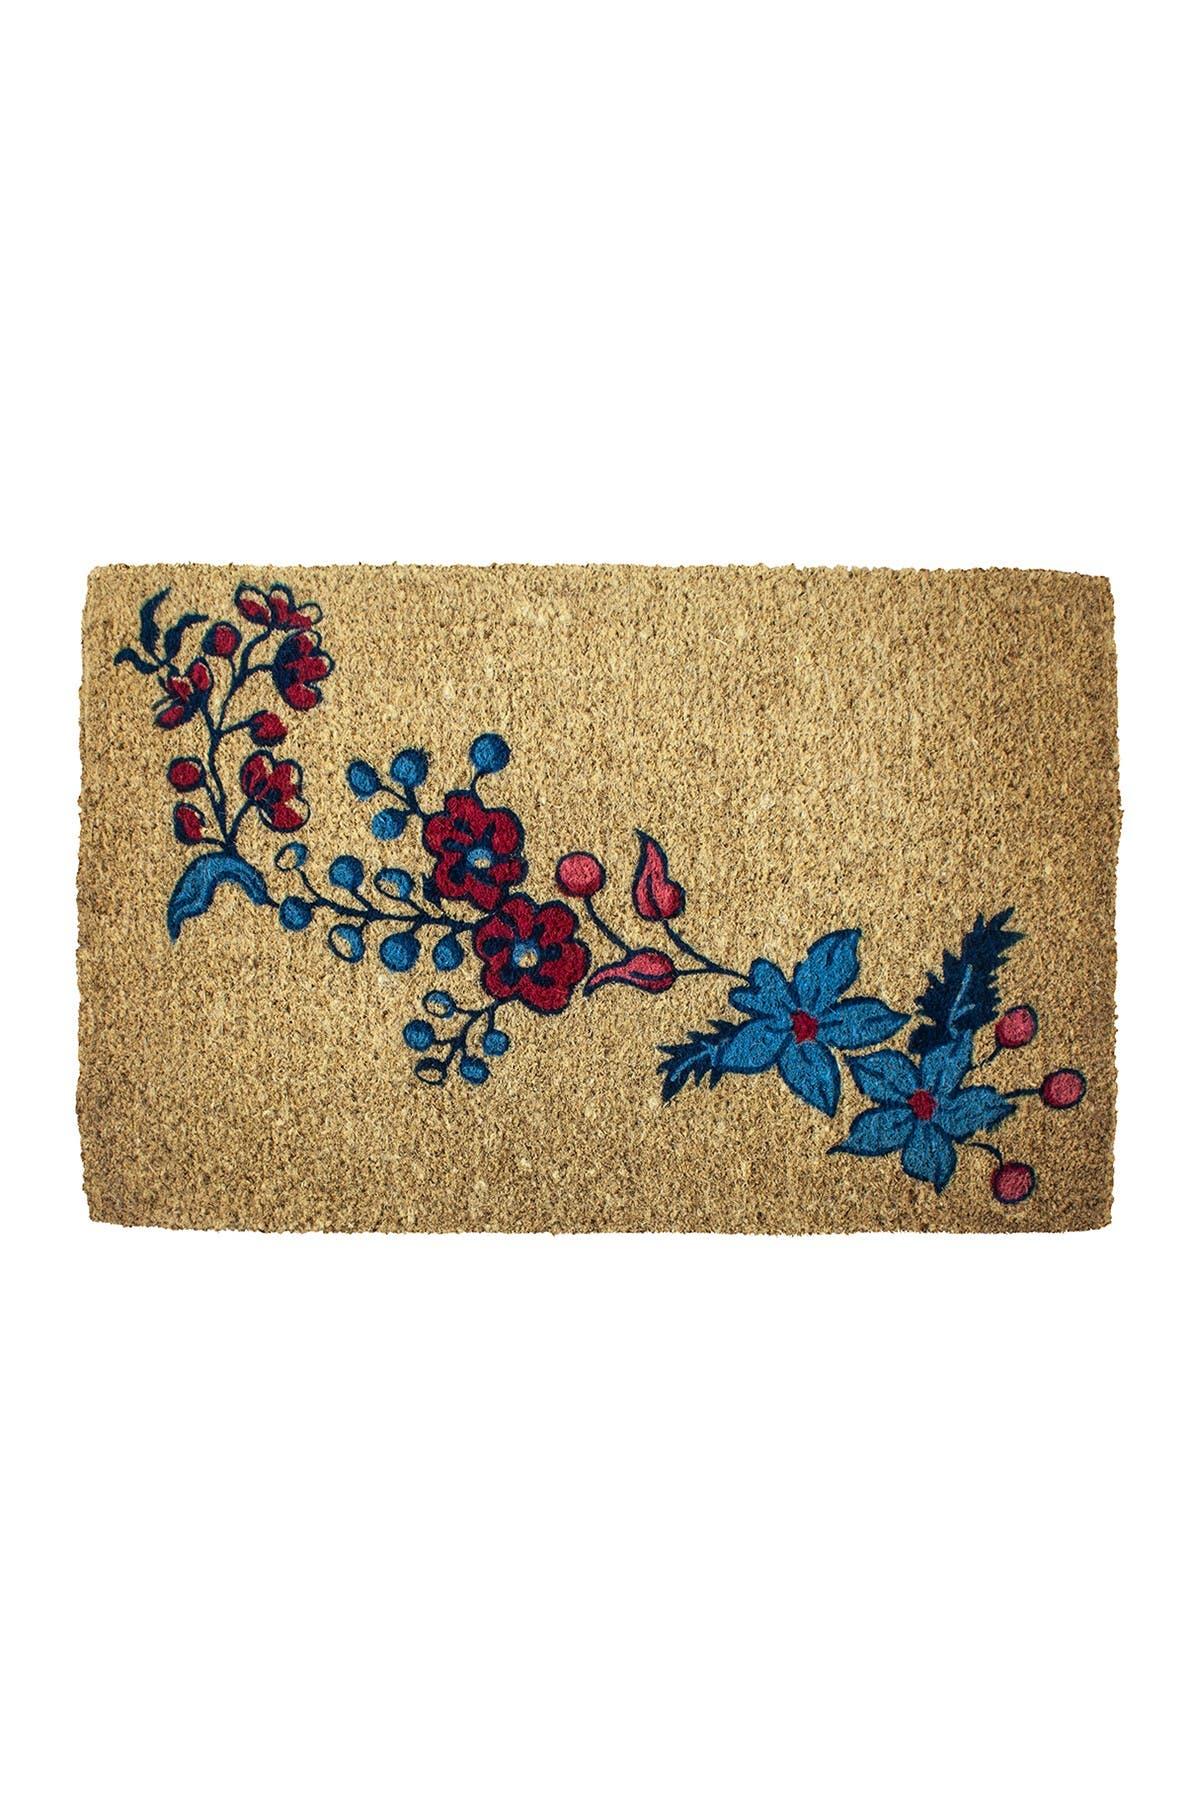 Image of ENTRYWAYS WILLIAMSBURG Garland Handwoven Coconut Fiber Doormat